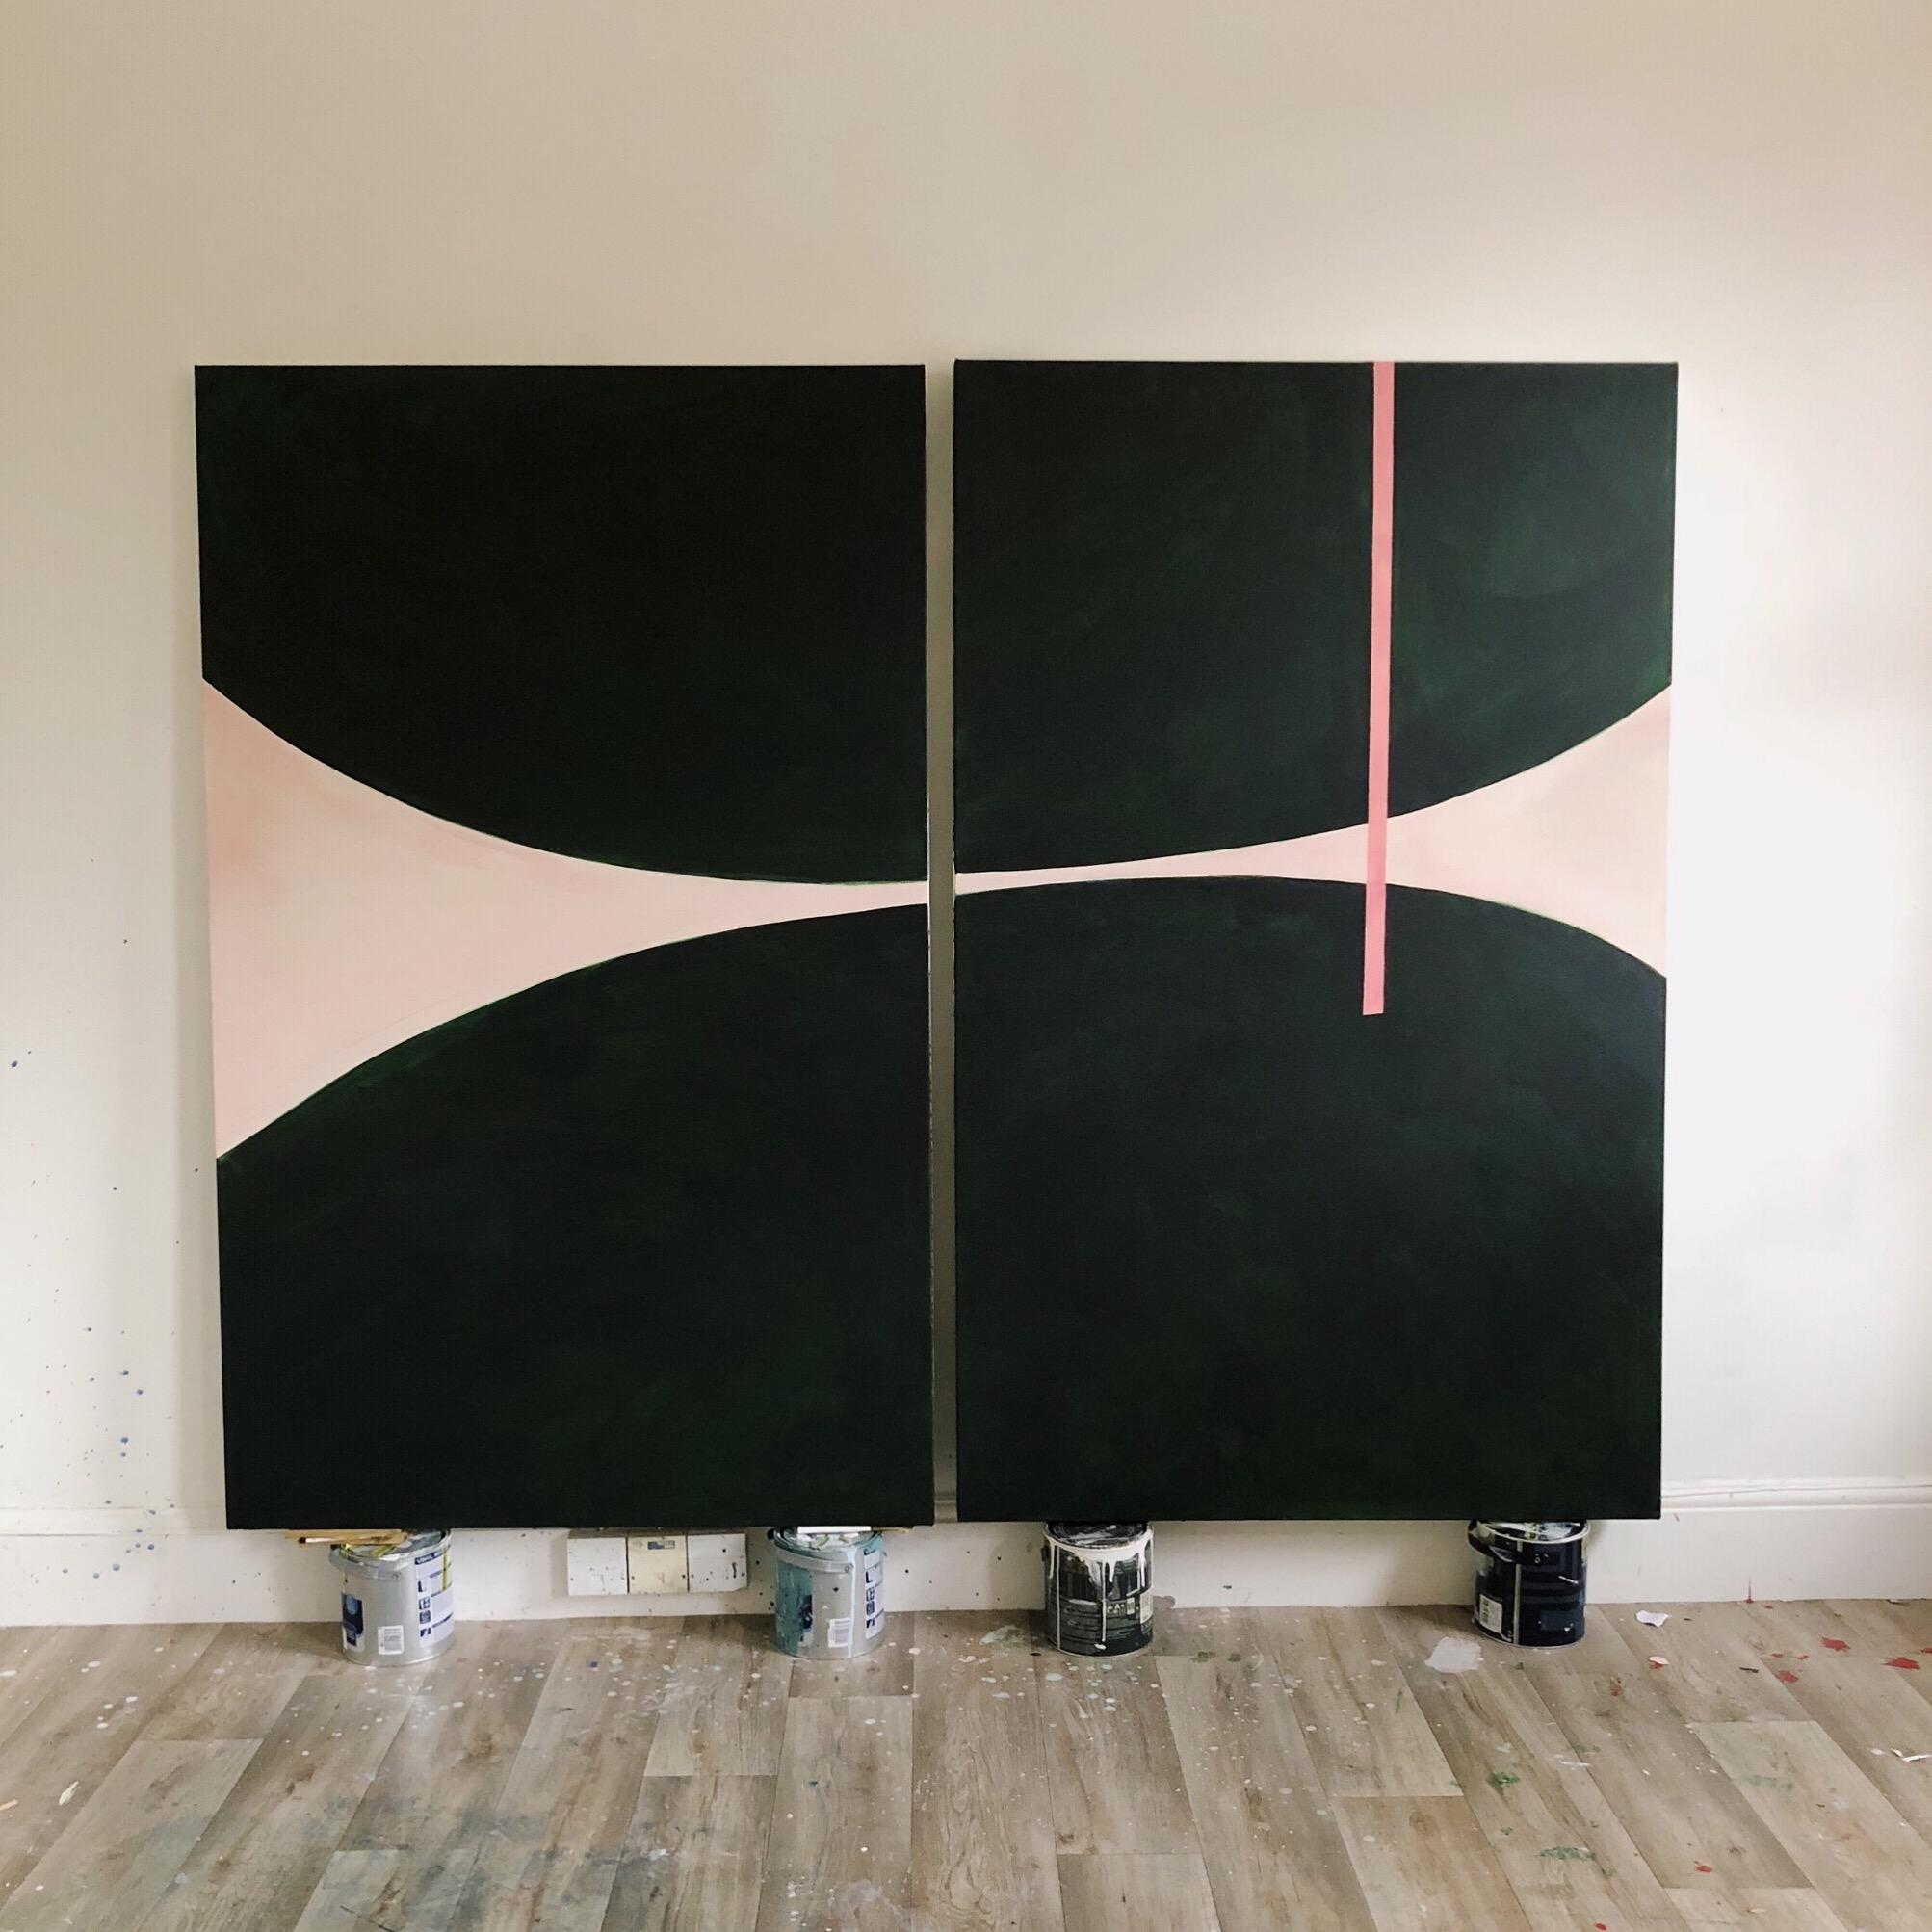 150 x 100 cm each  Acrylic on canvas  Available at Alex Eagle Studio, London W1